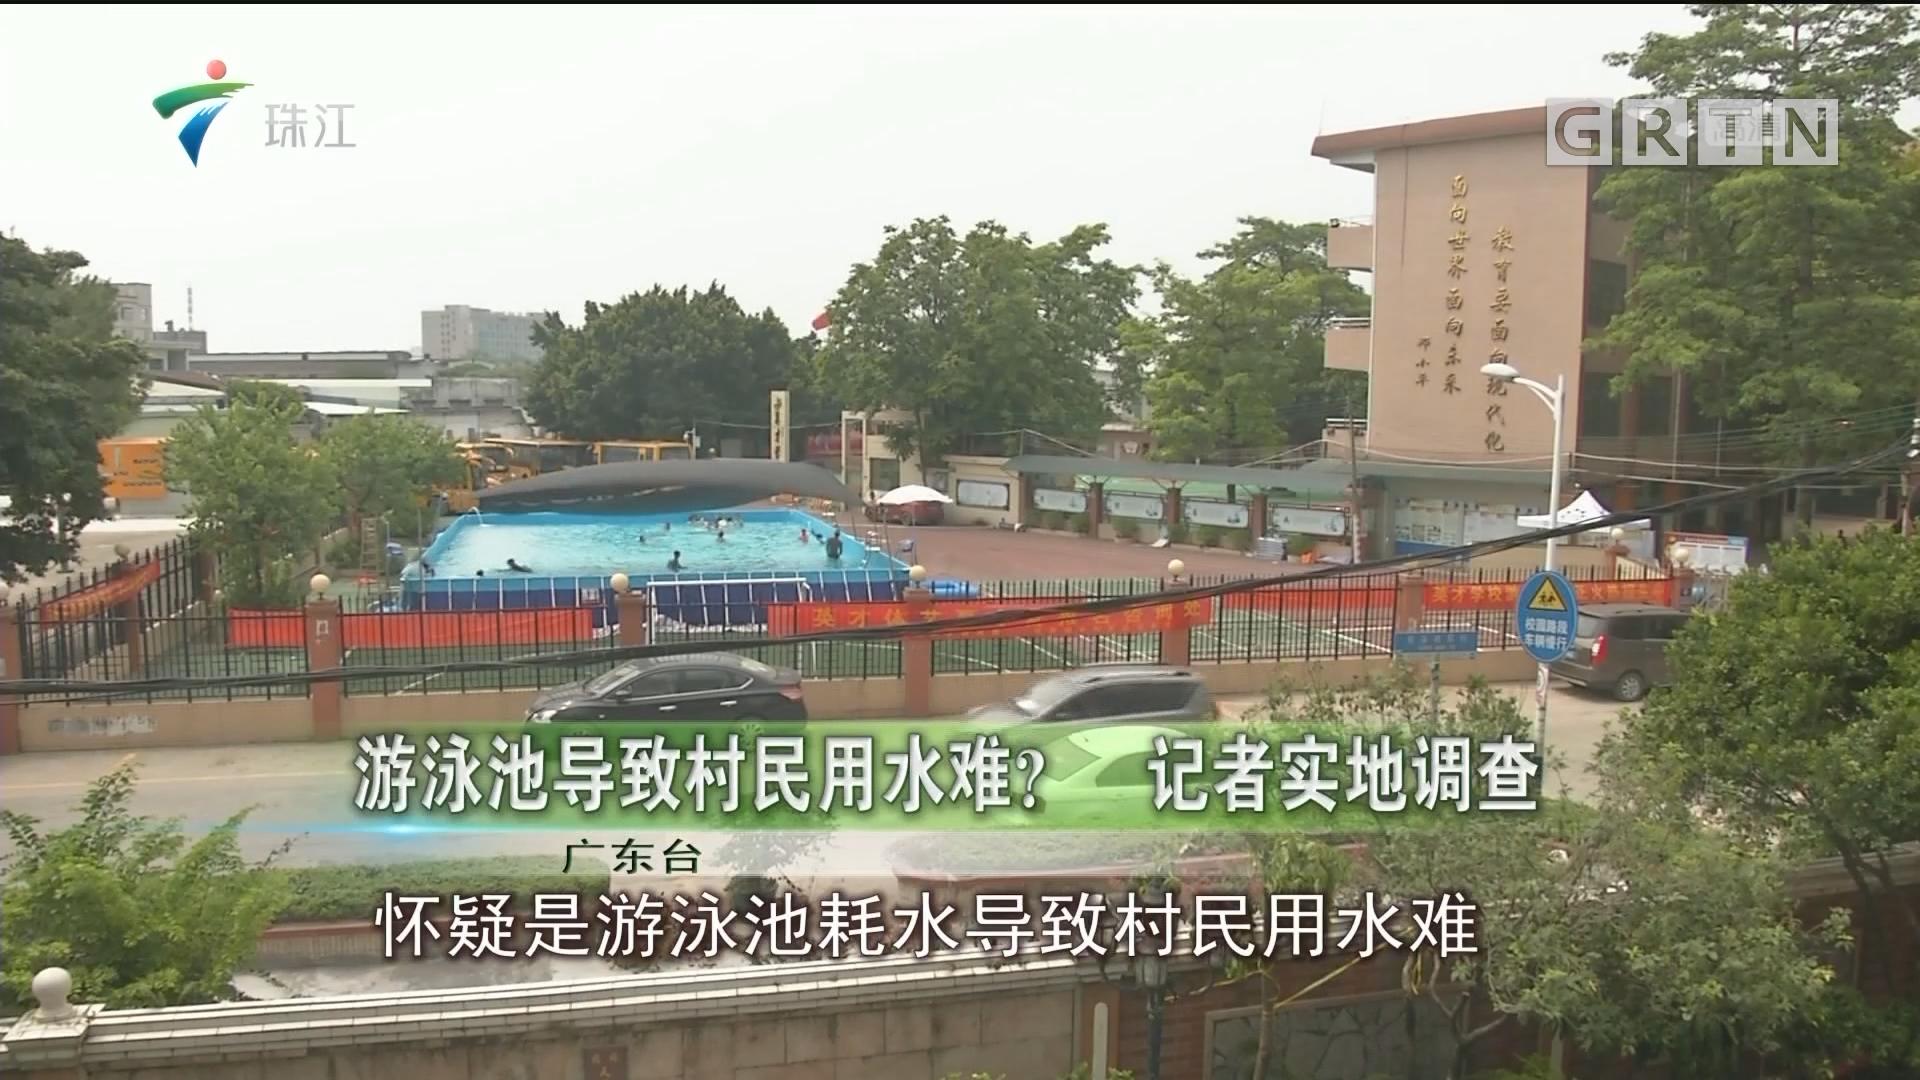 游泳池导致村民用水难? 记者实地调查